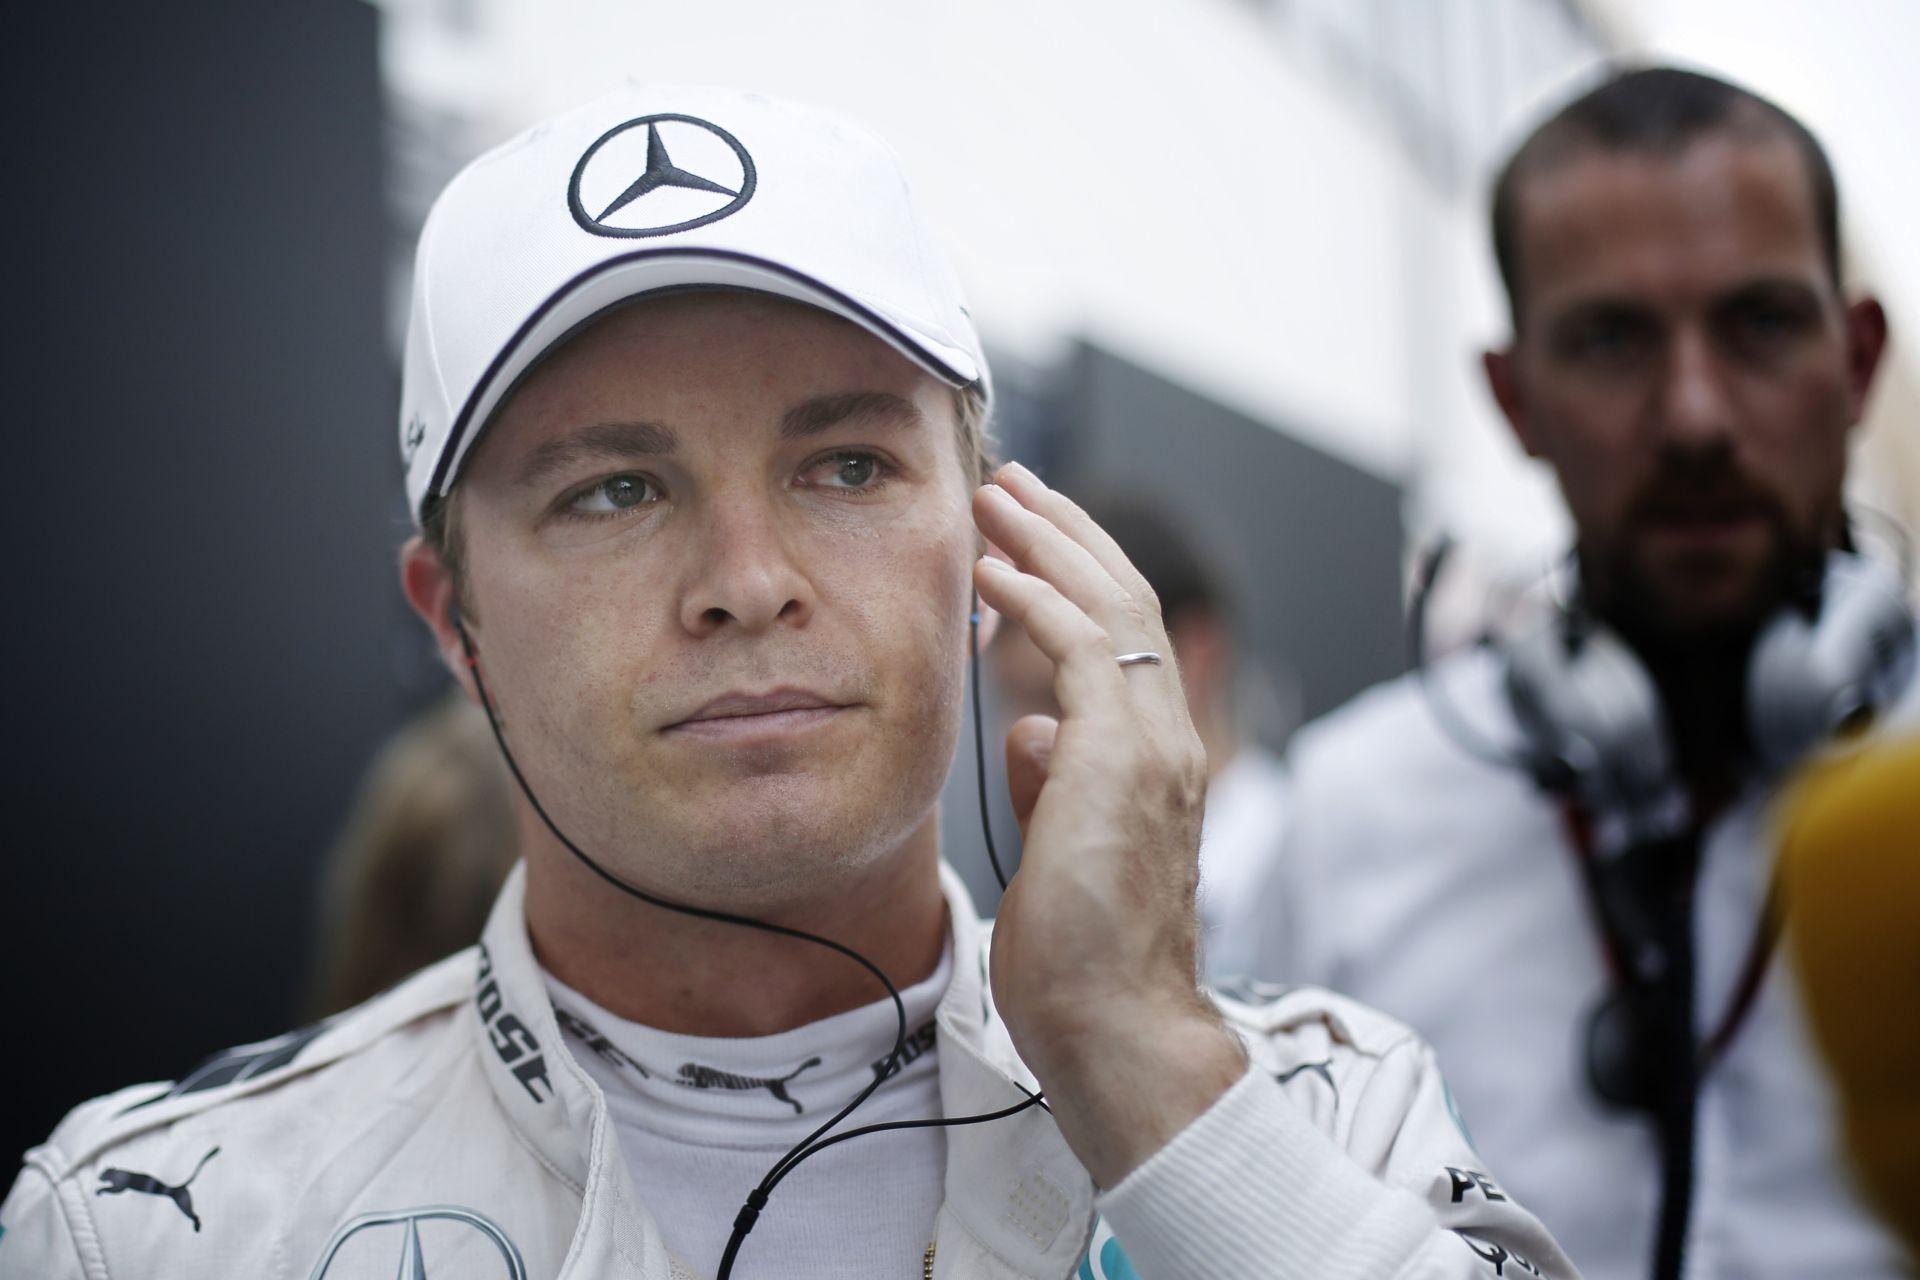 Iszonyat s*ar Orosz Nagydíjra számítottunk, majd jött a bombameglepetés: Rosberg az új Mark Webber